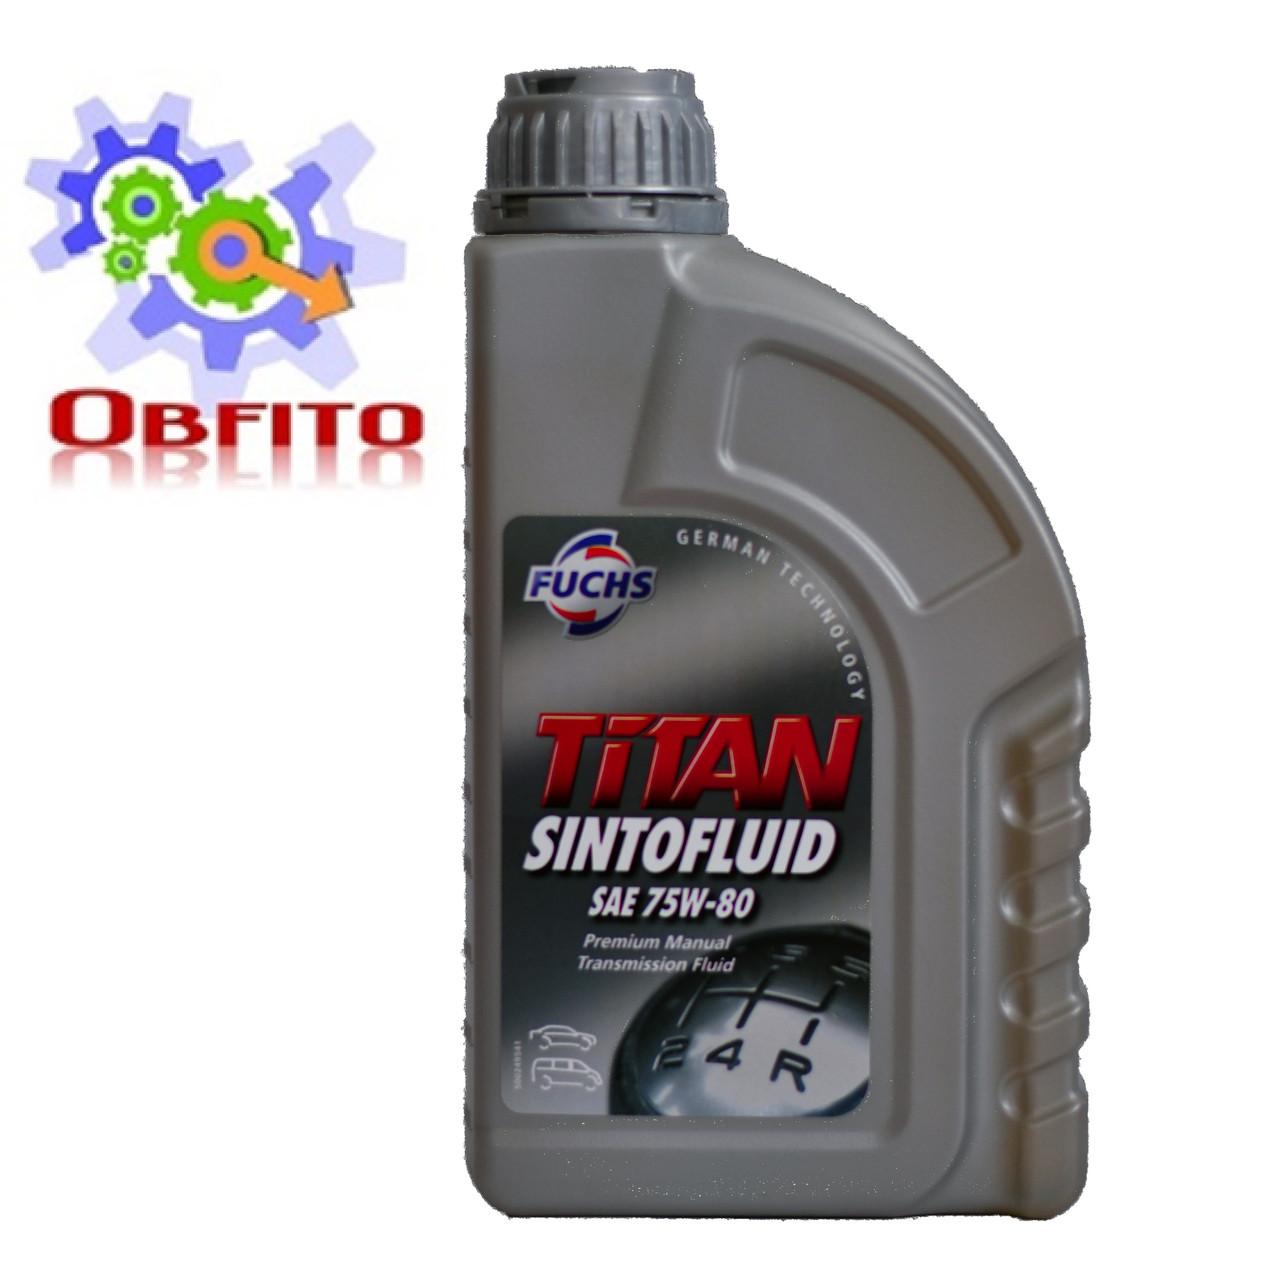 Fuchs TITAN SINTOFLUID 75W-80, 1л масло трансмиссионное синтетическое